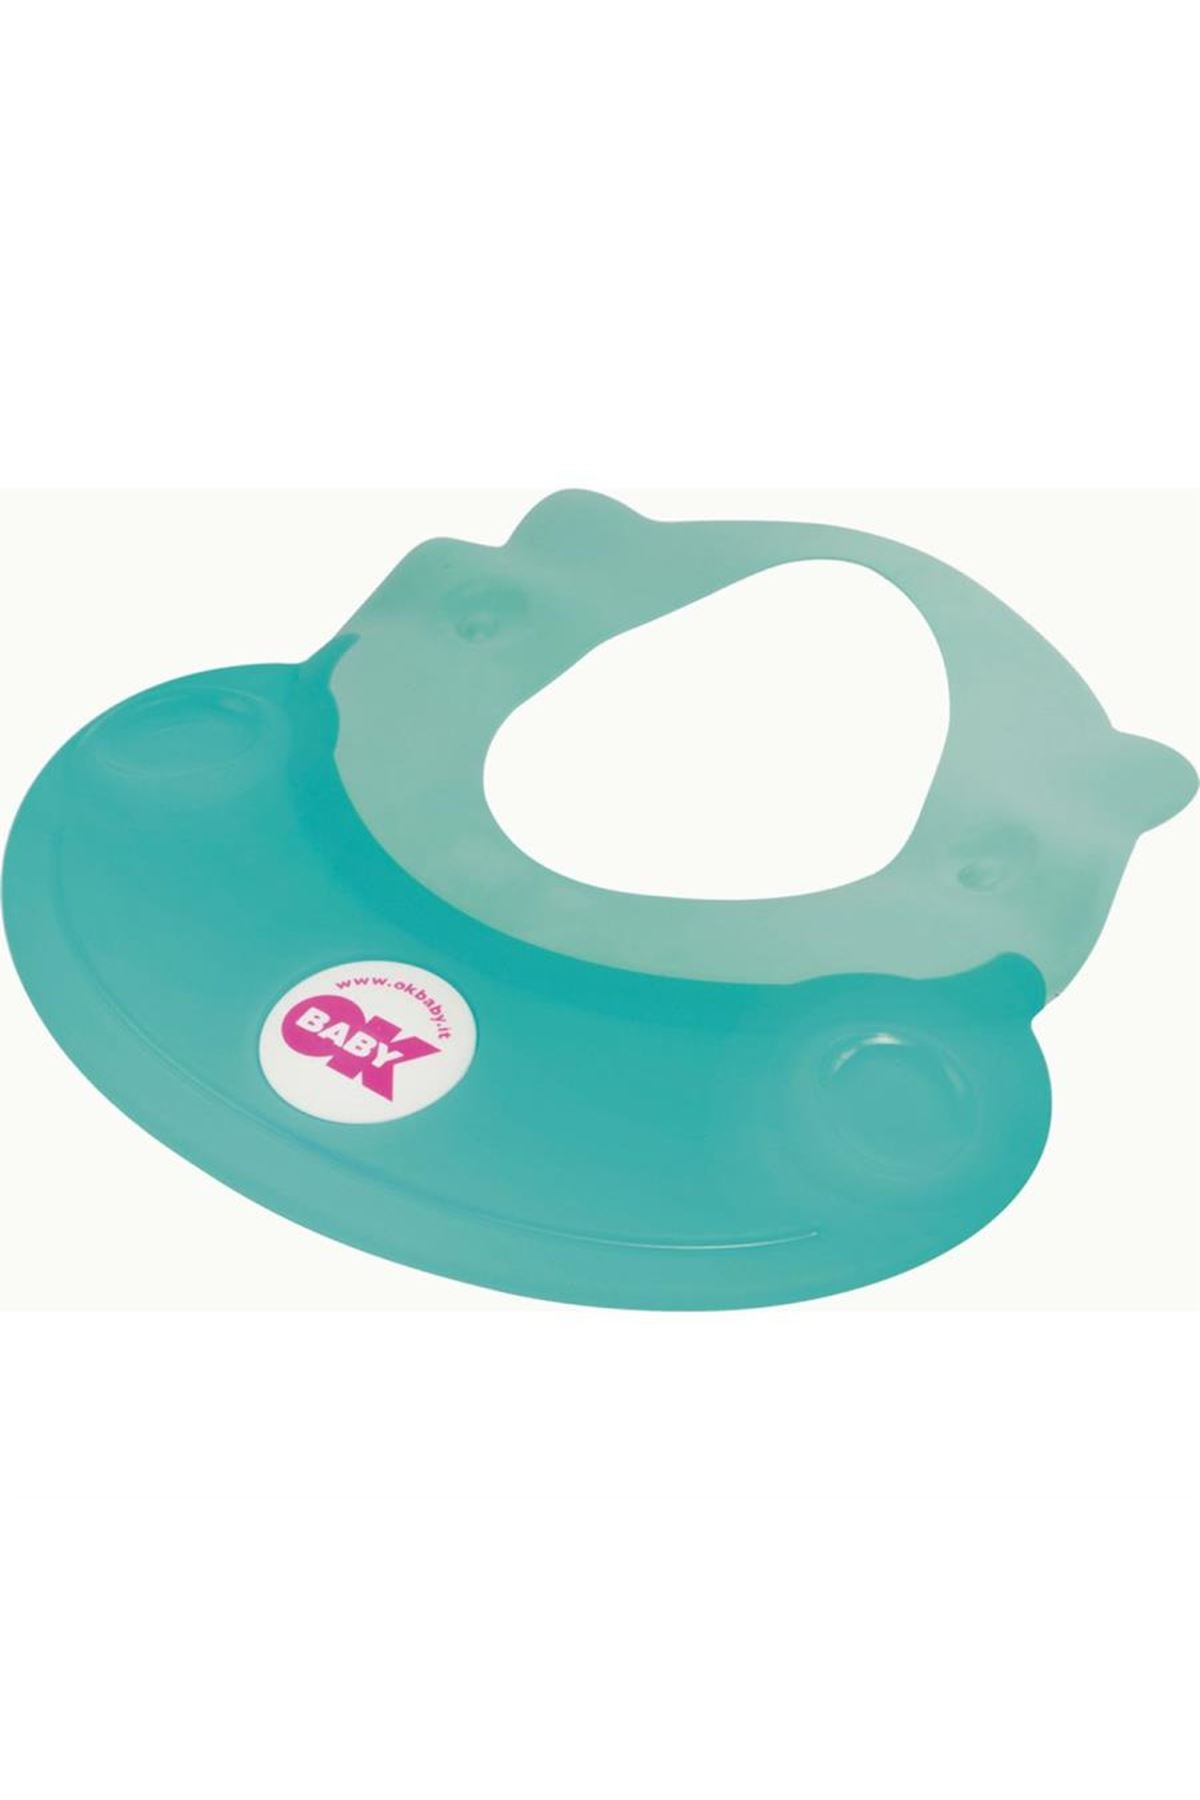 Okbaby Hippo Banyo Siperliği / Turkuaz